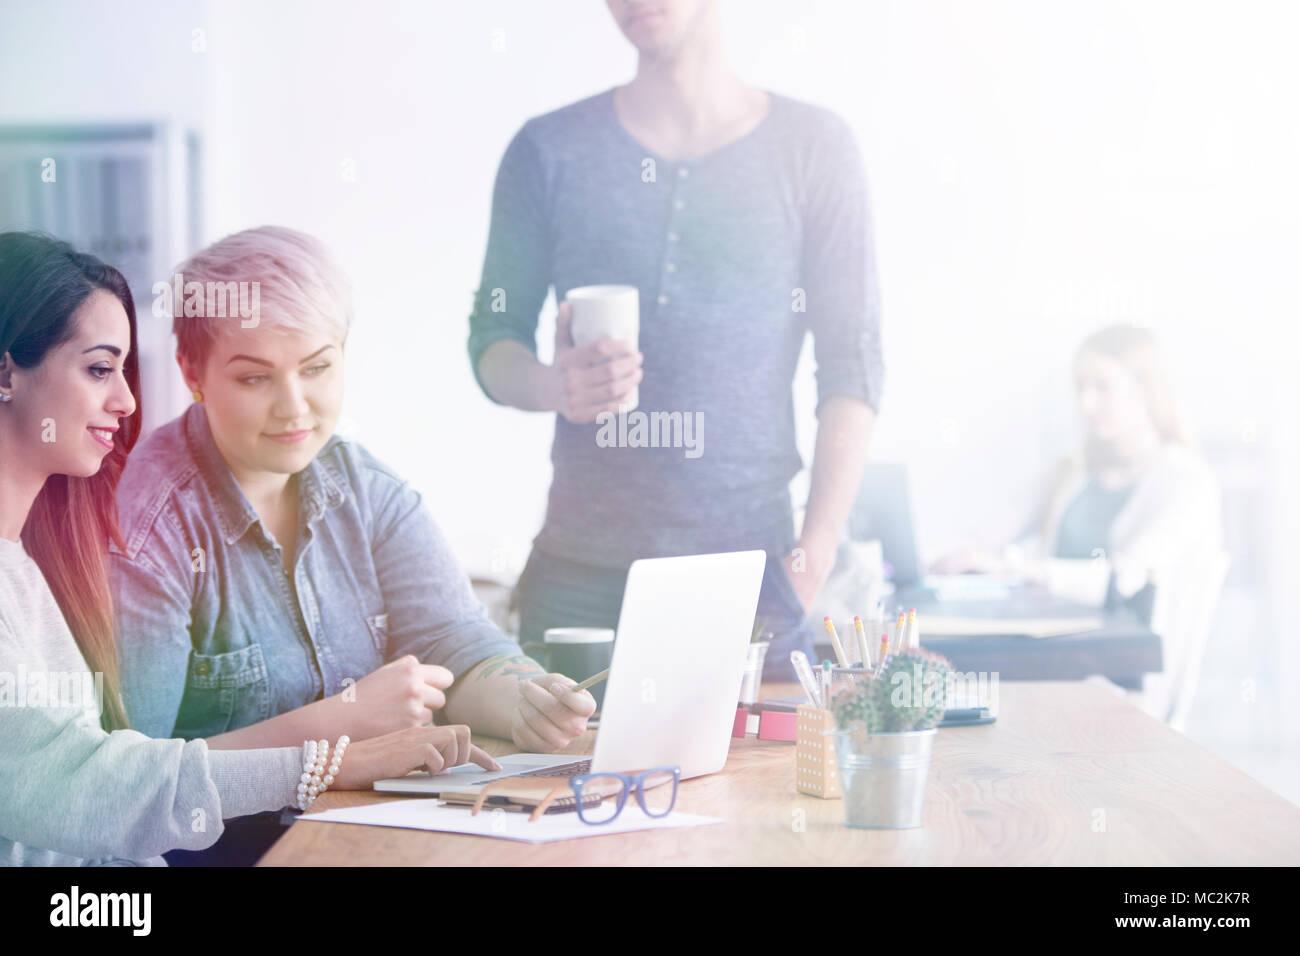 Deux femmes assises dans un bureau avec ordinateur portable et l'homme debout à côté d'eux Photo Stock